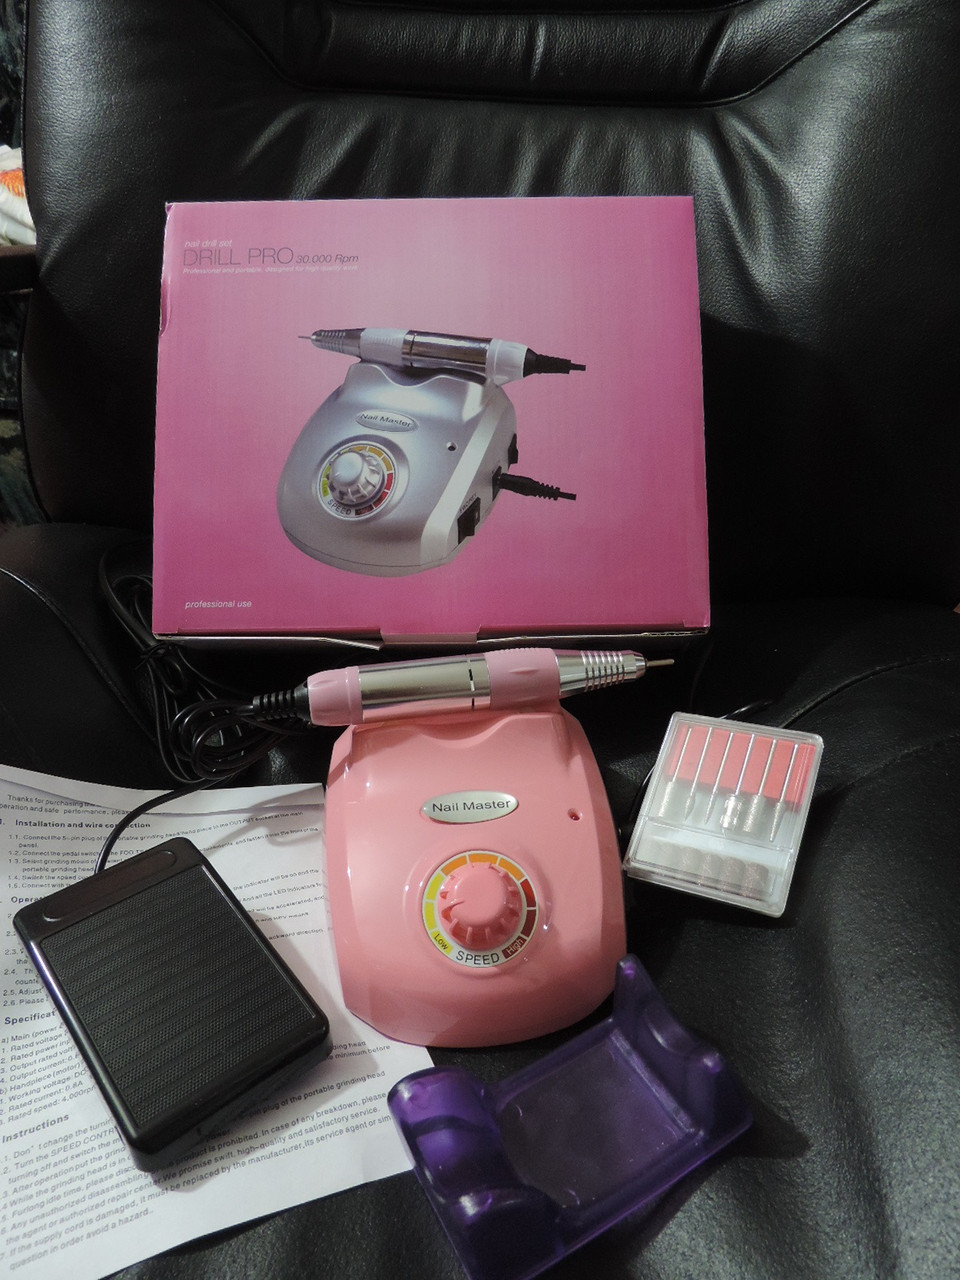 Профессиональный фрезер для маникюра - 35 000 оборотов в минуту, мощность 60 Вт. Nail Master ZS-603. Розовый.